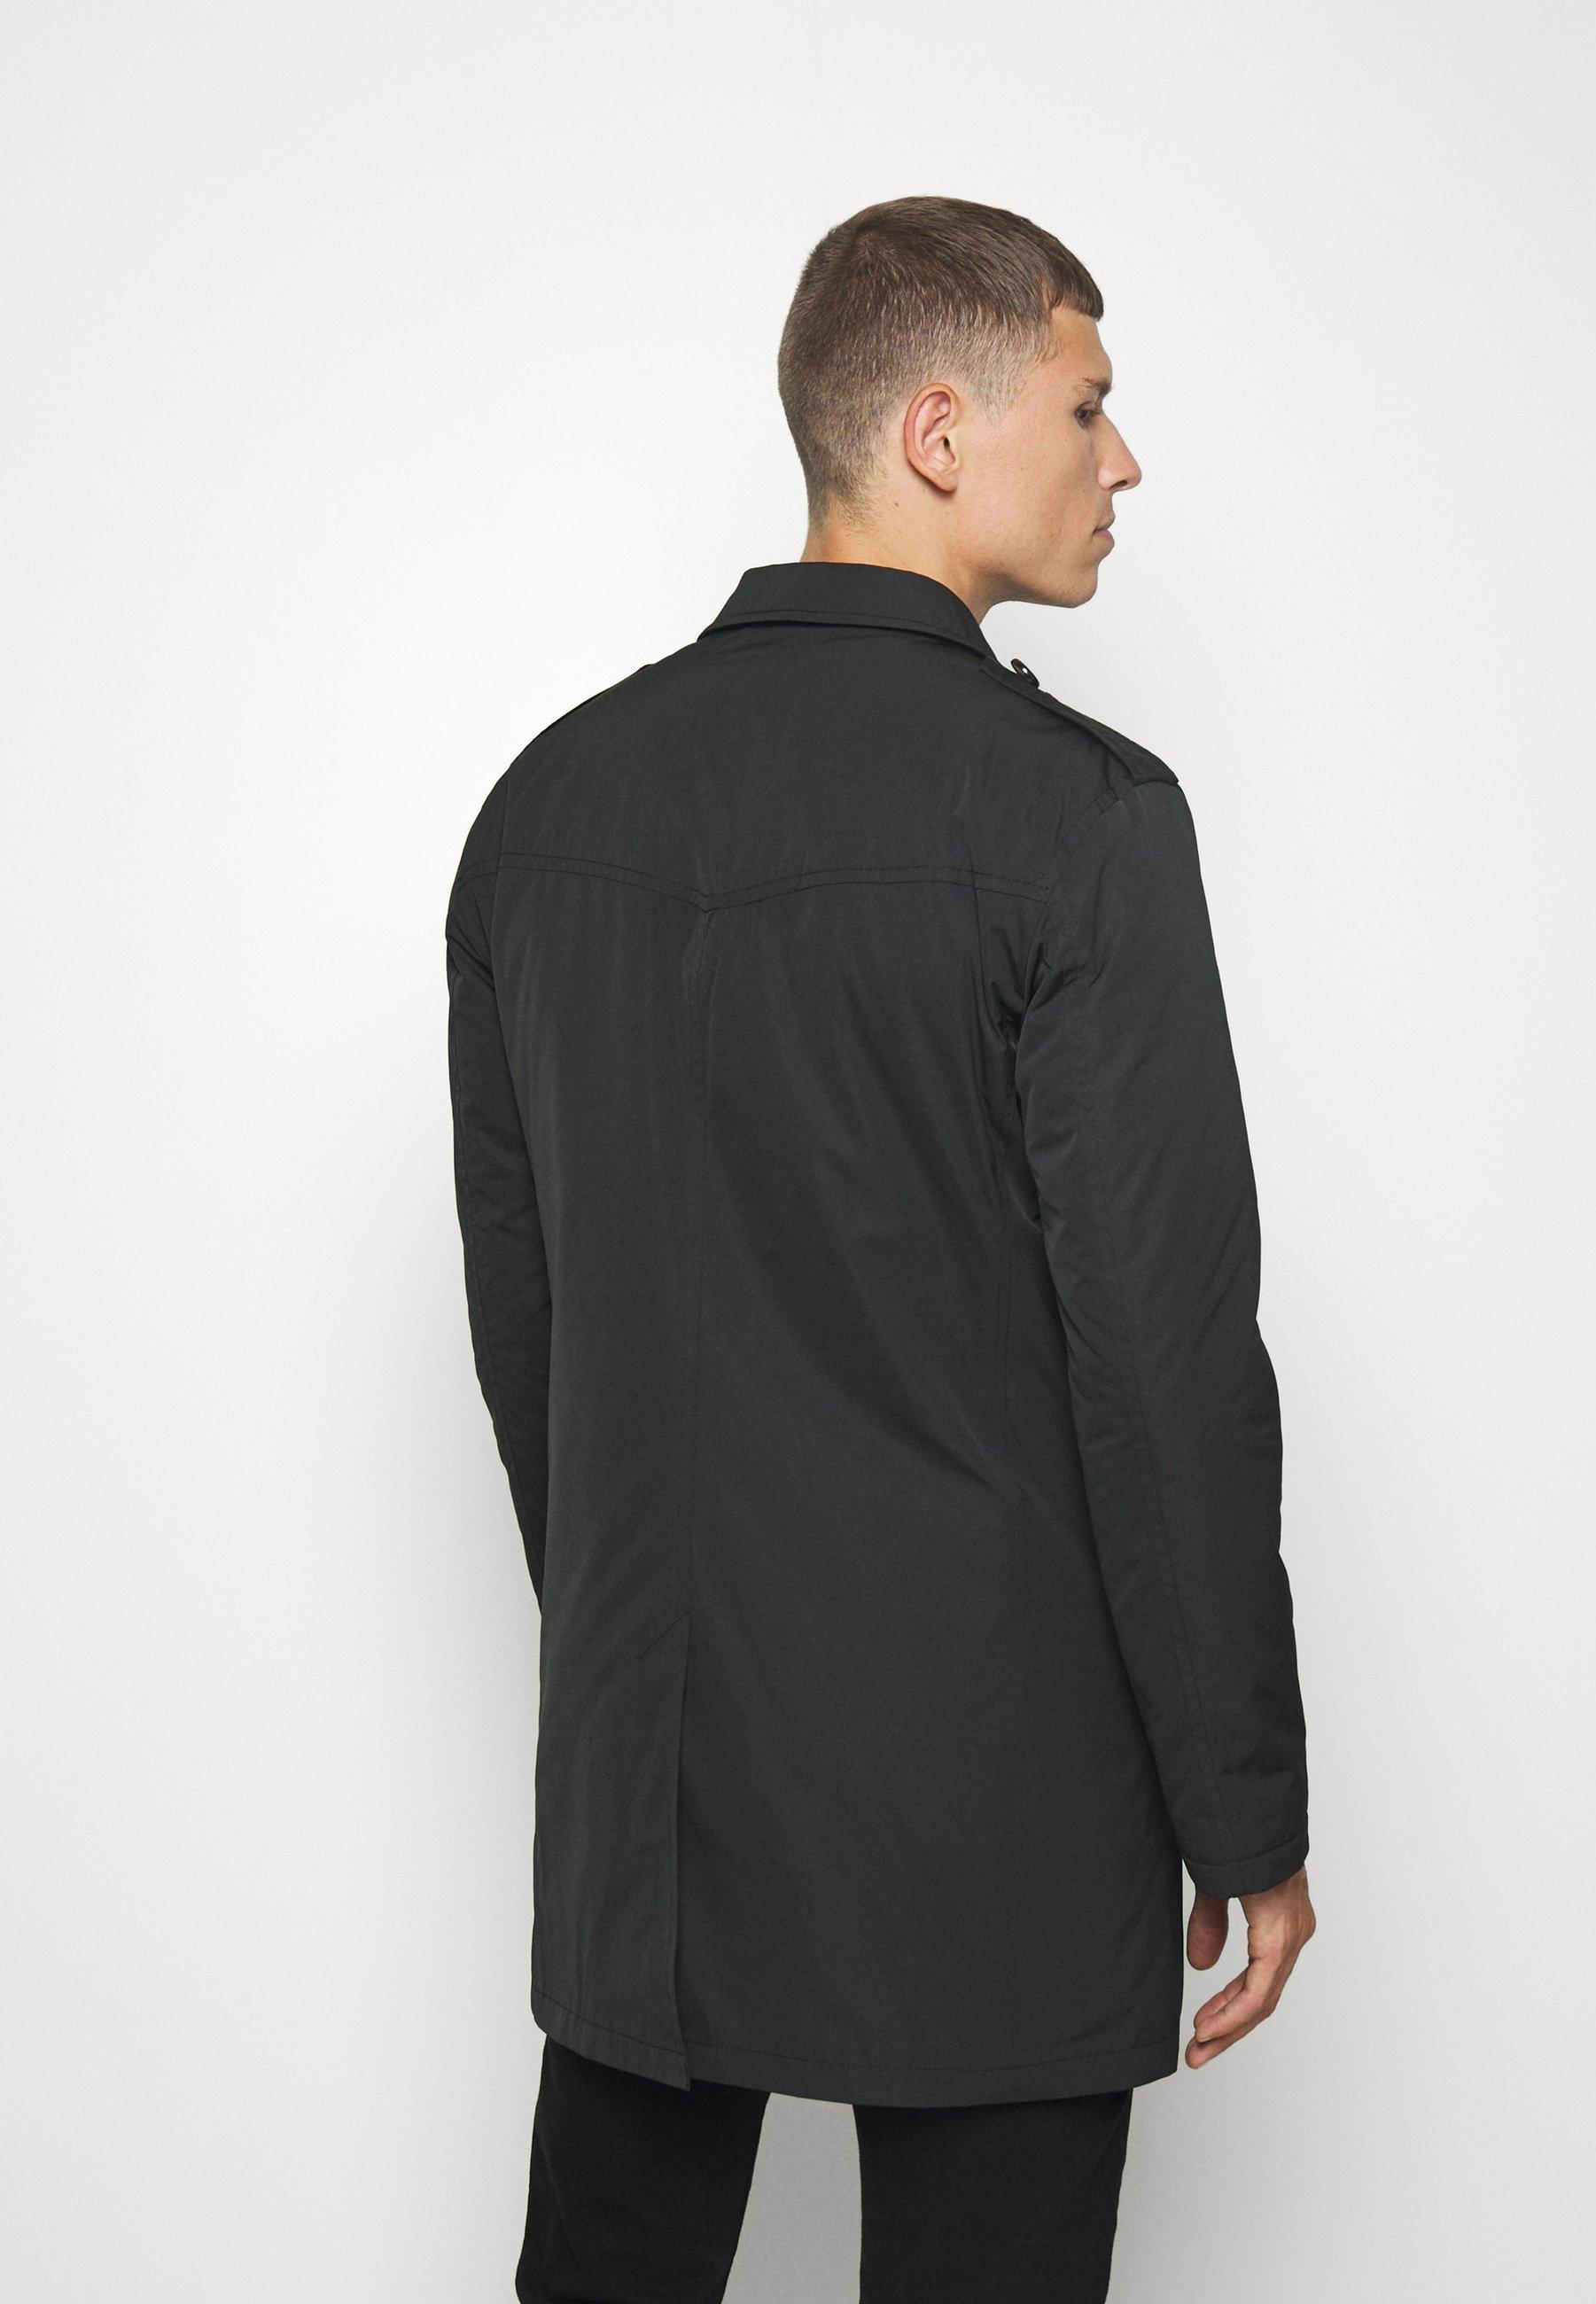 Super Seneste Samlinger Tøj til herrer Bugatti Korte frakker black nPClSo tXpg8F